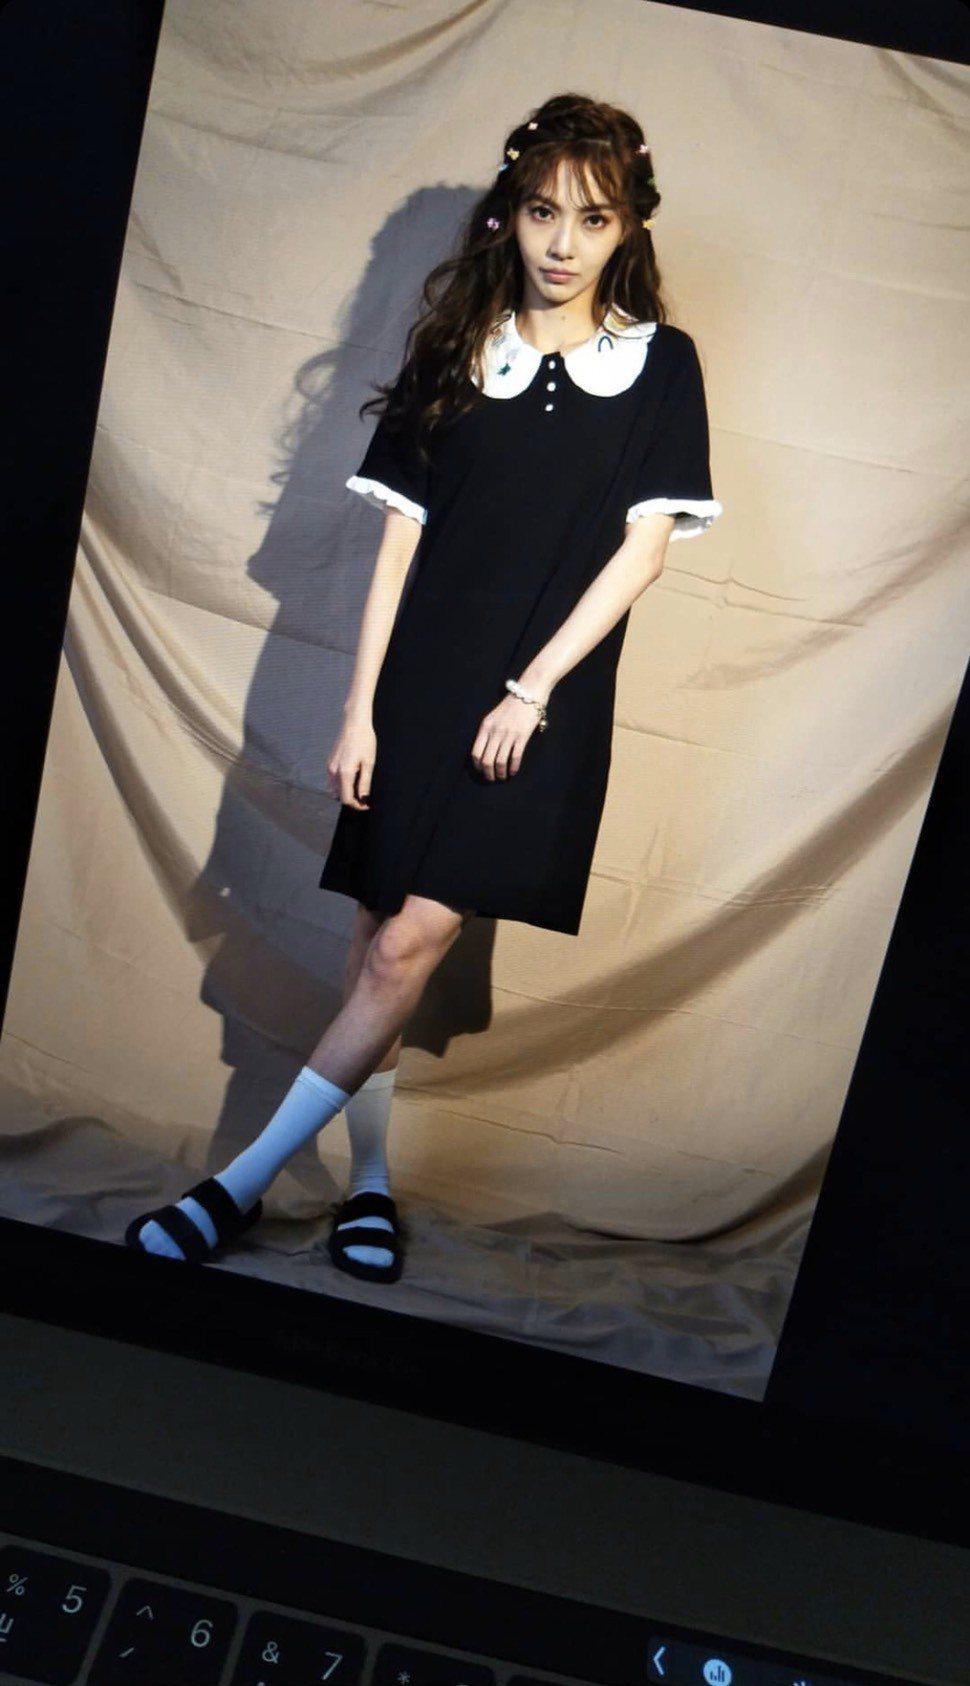 謝和弦送手機的女子,與今天莉婭拍攝工作照的髮型髮飾一模一樣。圖/摘自IG